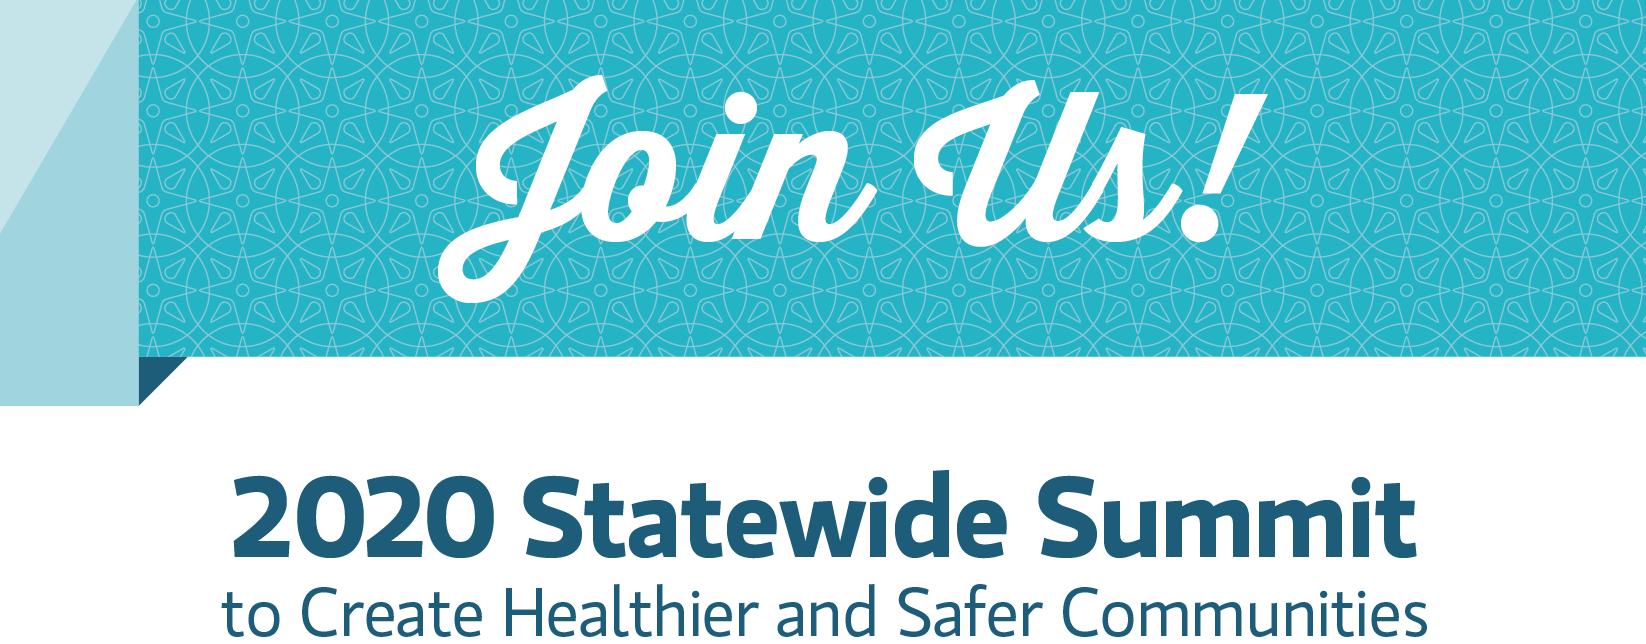 2020 Statewide Summit